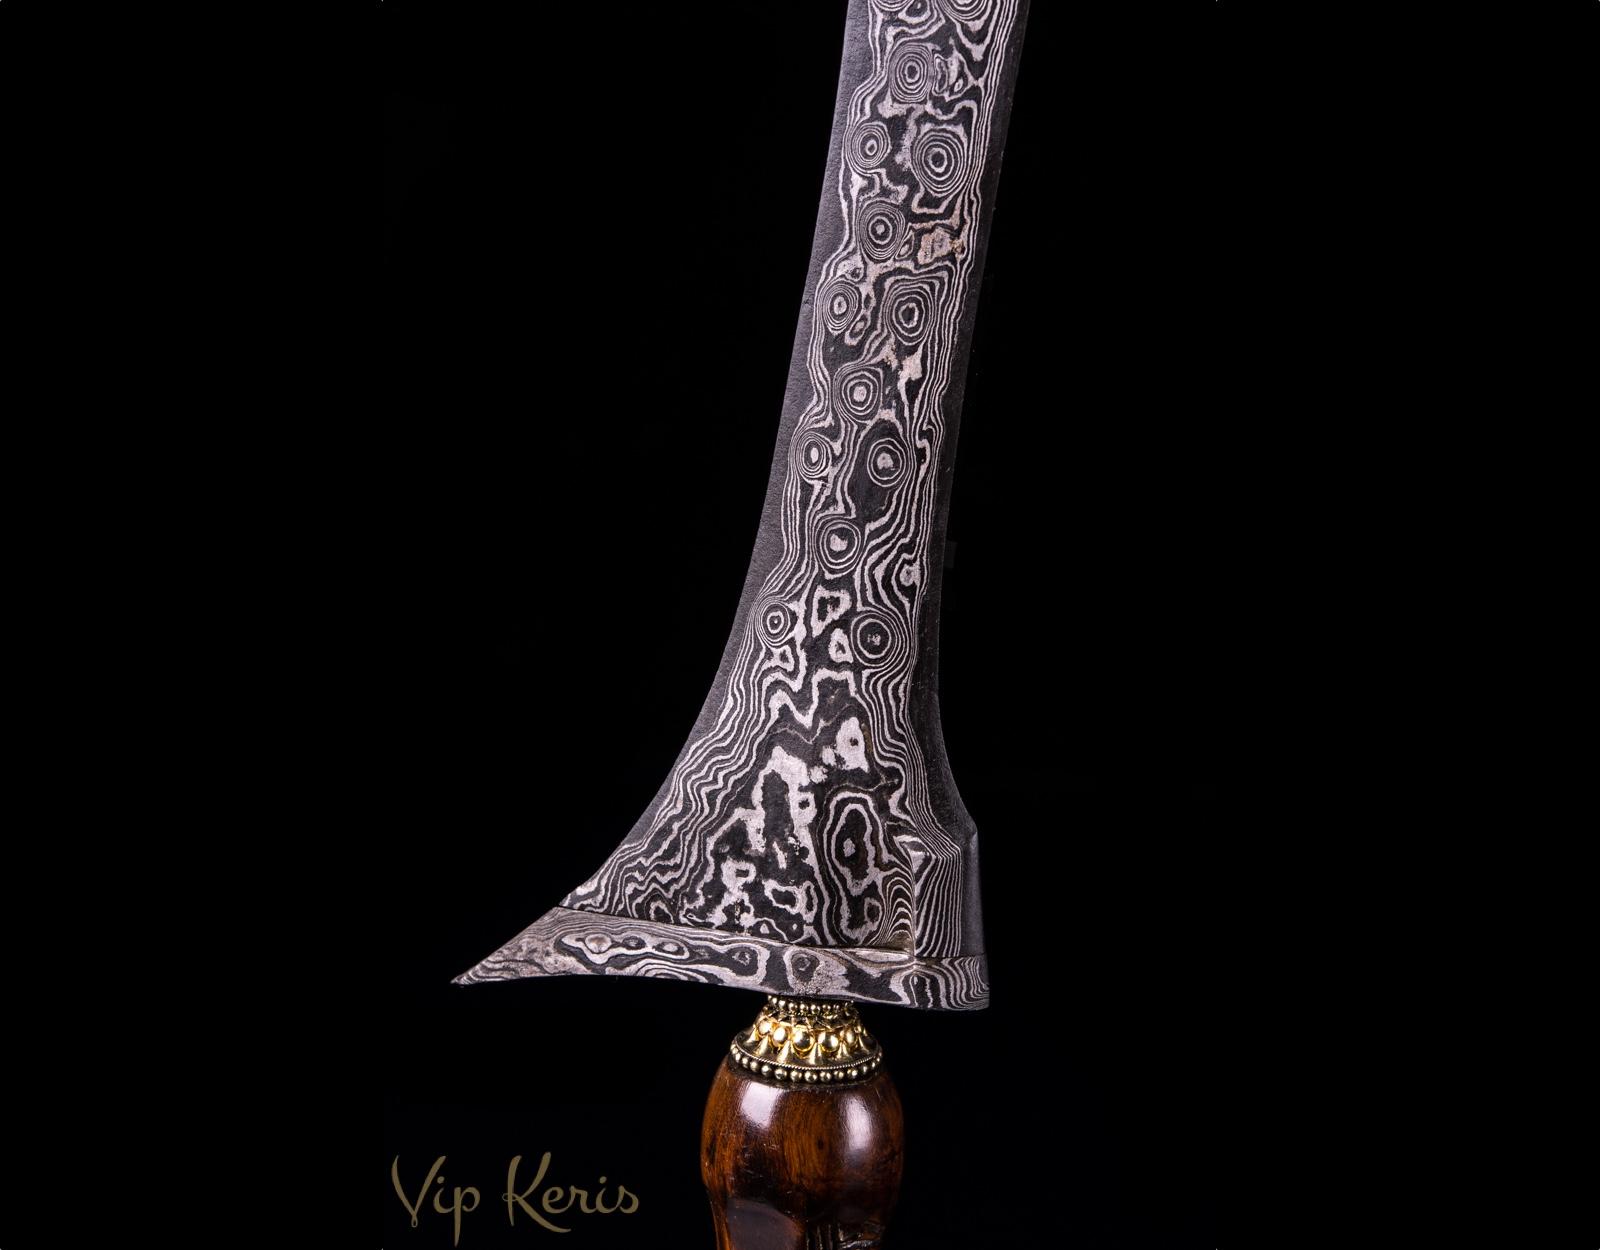 Кинжал Крис Tilam Upih, денежная магия. фото VipKeris